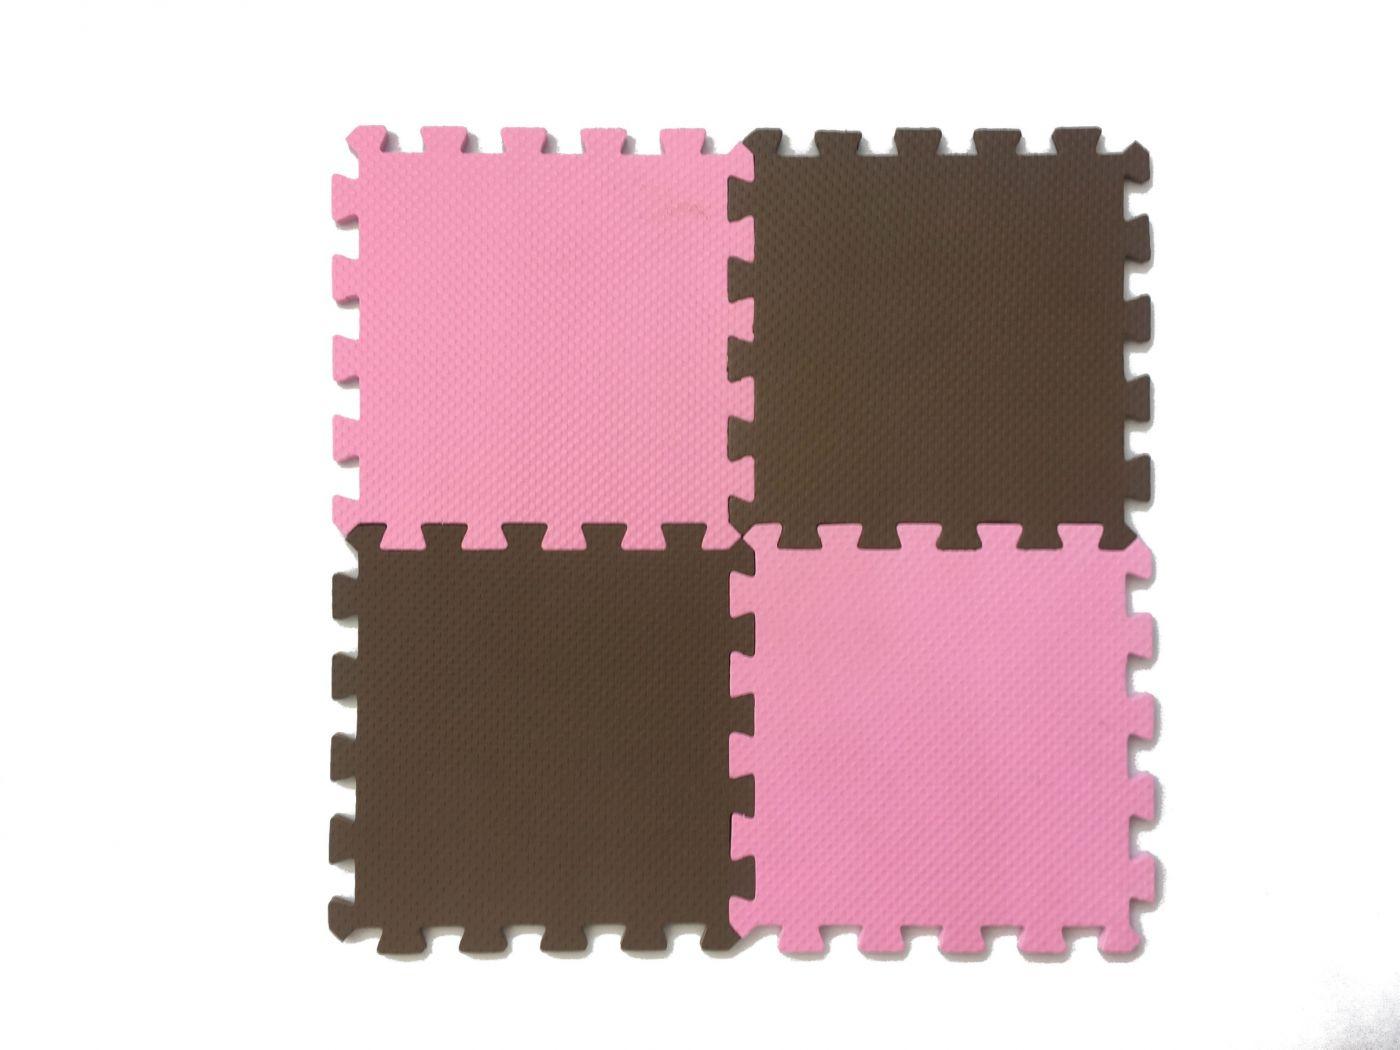 Мягкий пол универсальный 25*25 (см) розово-коричневый